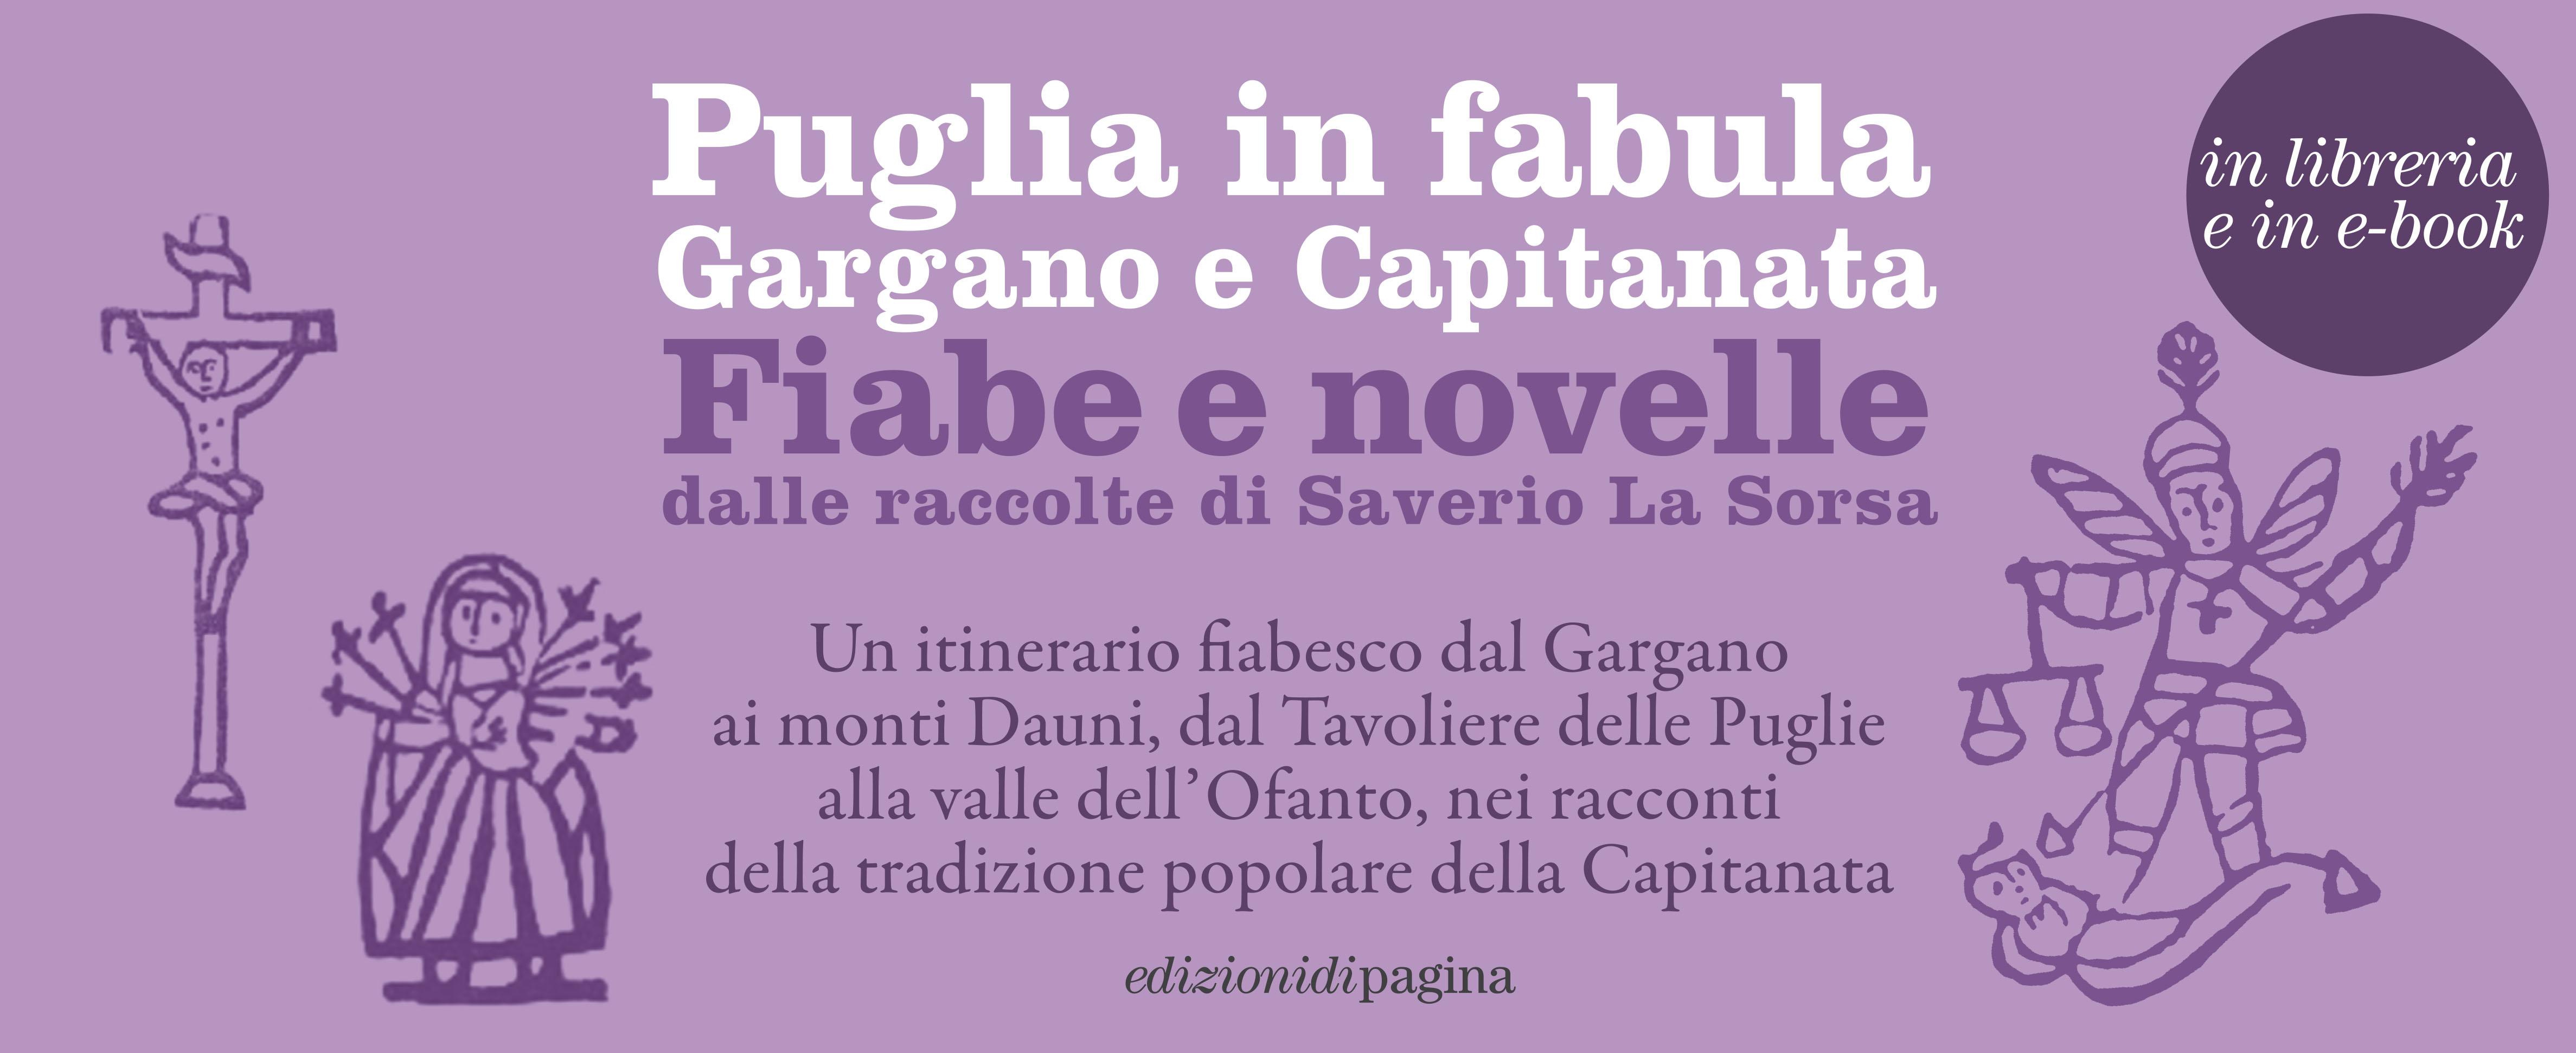 Novità Gargano in fabula